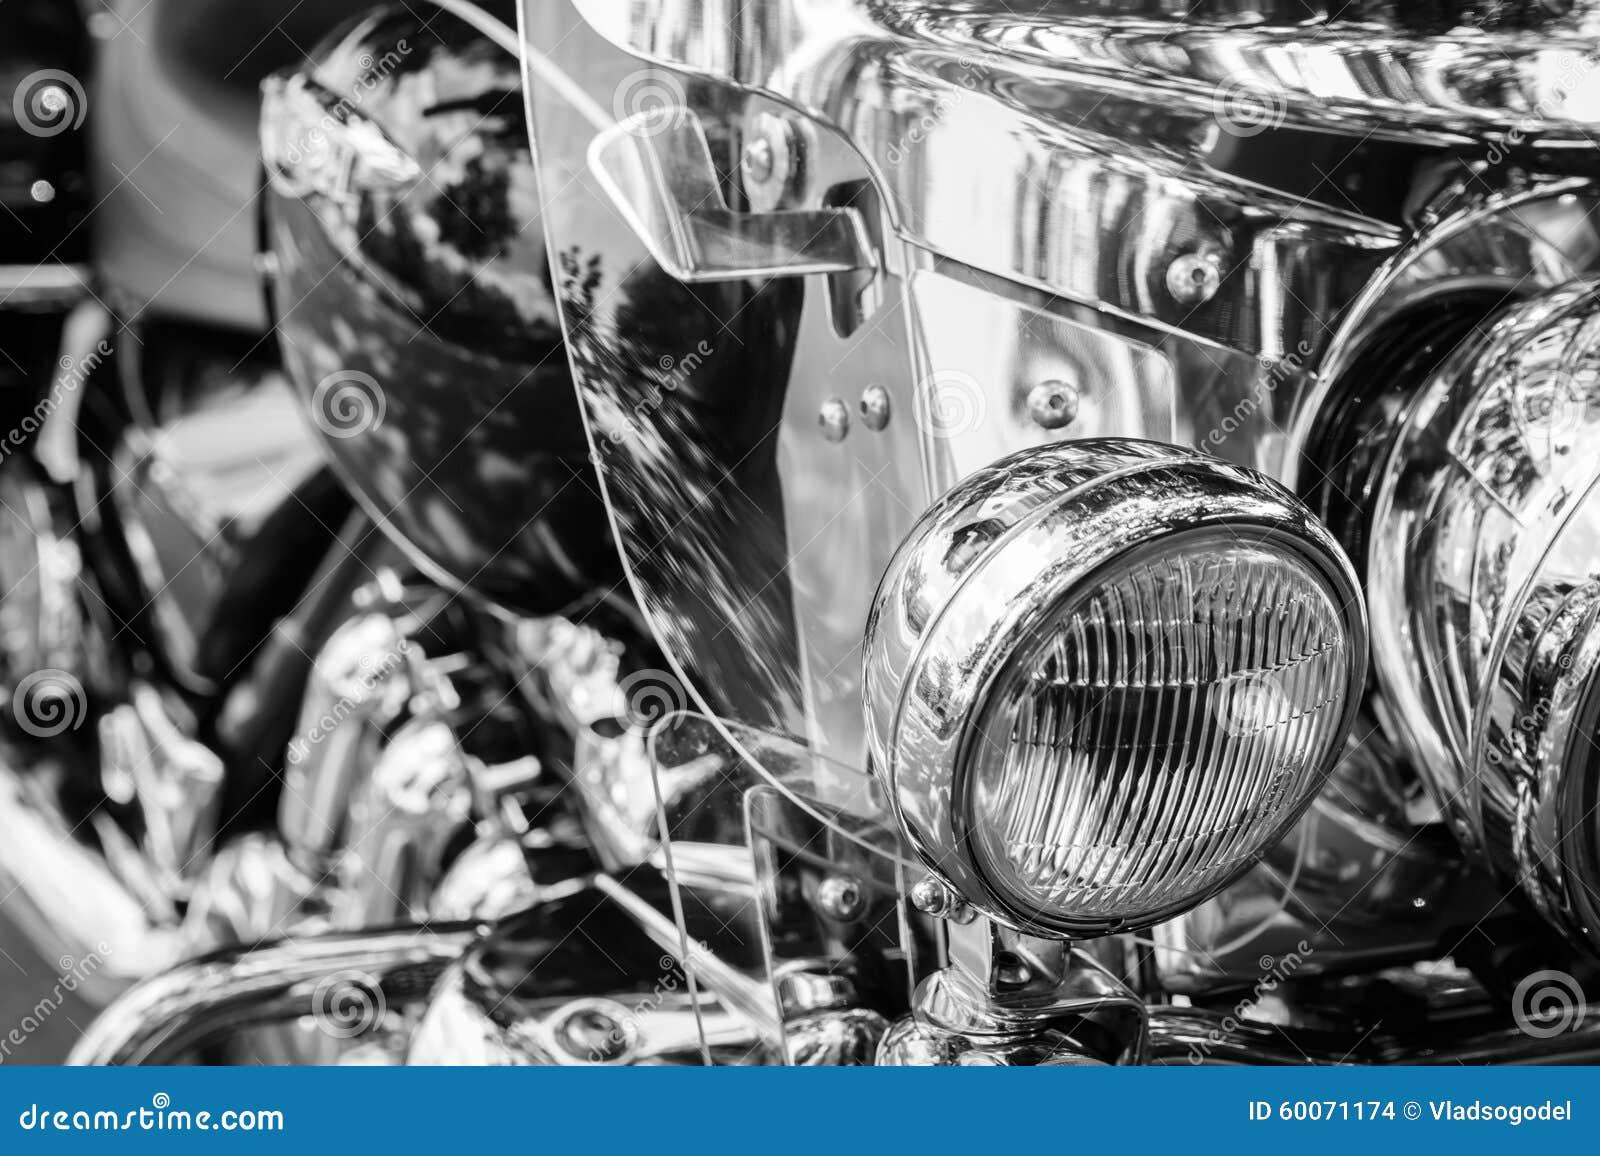 Гениальный мотоцикл фары на расплывчатой черно-белой предпосылке